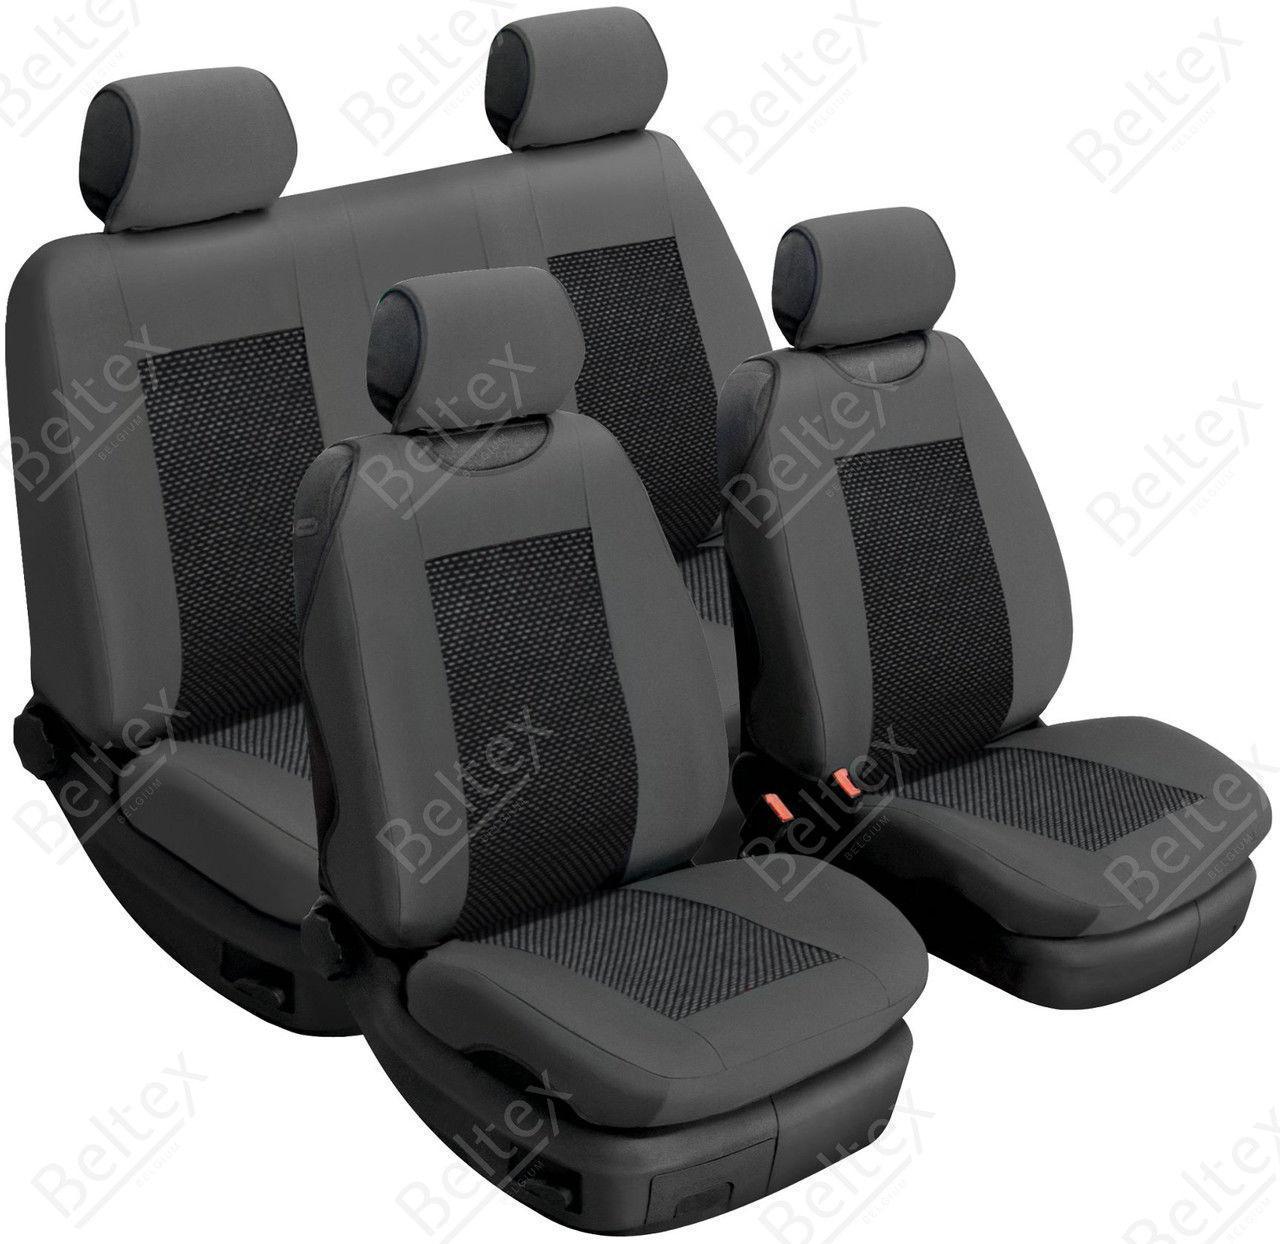 Майки/чехлы на сиденья Тойота Версо (Toyota Verso)